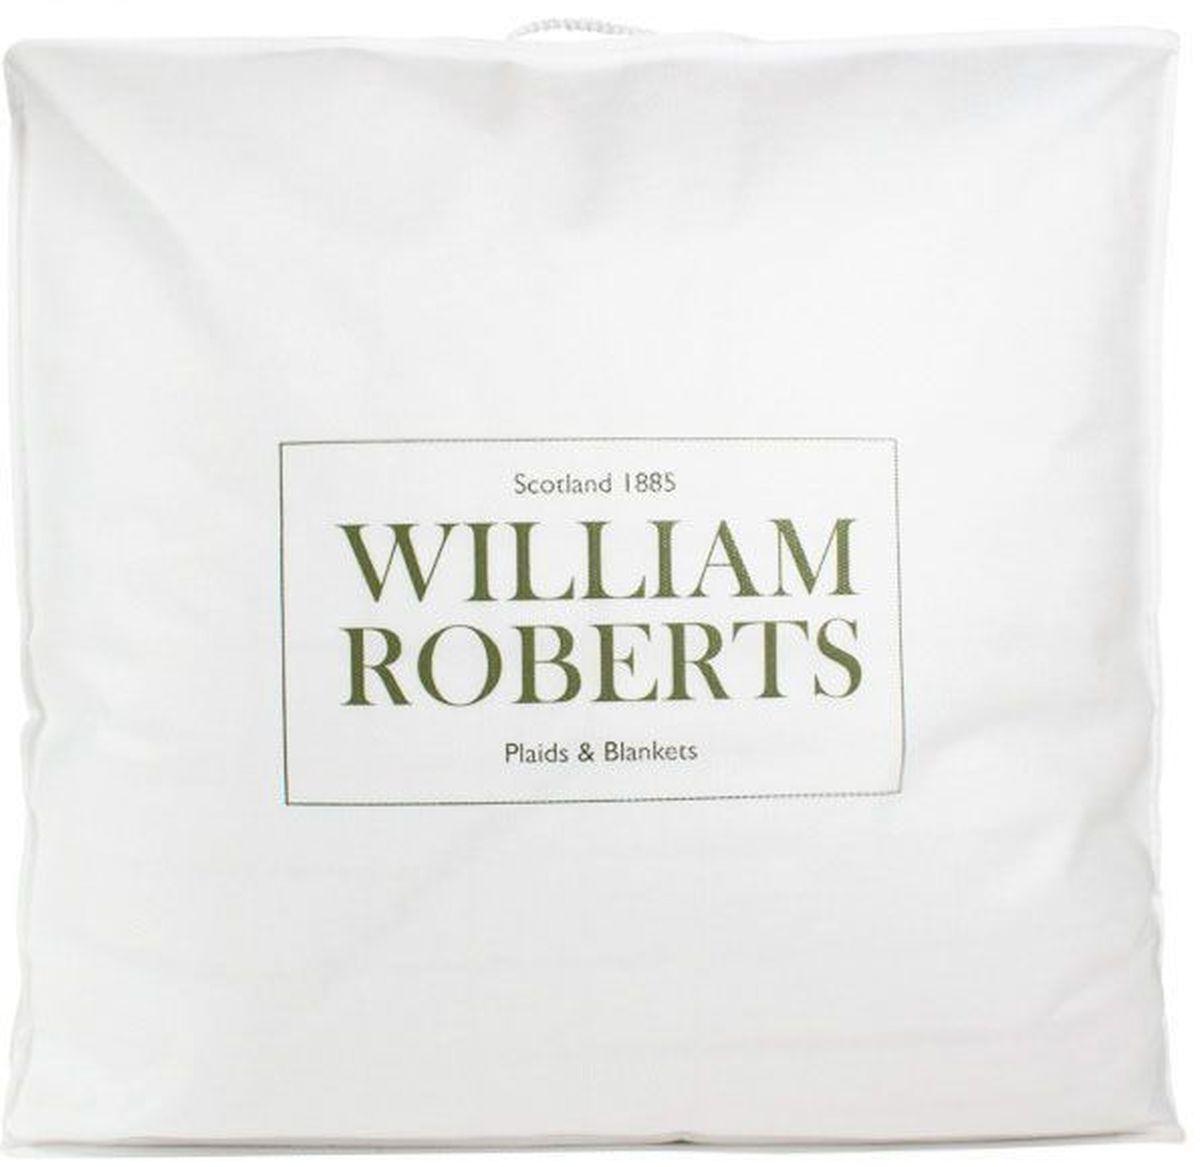 Подушка William Roberts White Splendid Down, средняя, 50х70HK 5646 weisПодушка средняя для тех, кто спит на спинеРазмер (см): 50х70 (1 шт) (Прямоугольная)Наполнитель ядра: Пух-пероСостав наполнителя: 100% Гусиный белый пух высокого качестваМатериал чехла: Хлопковый сатин (Supersoft)Состав материала чехла: 100% ХлопокОтделка: КантЗастежка: НетПроизводитель: William RobertsCтрана производства: Великобритания